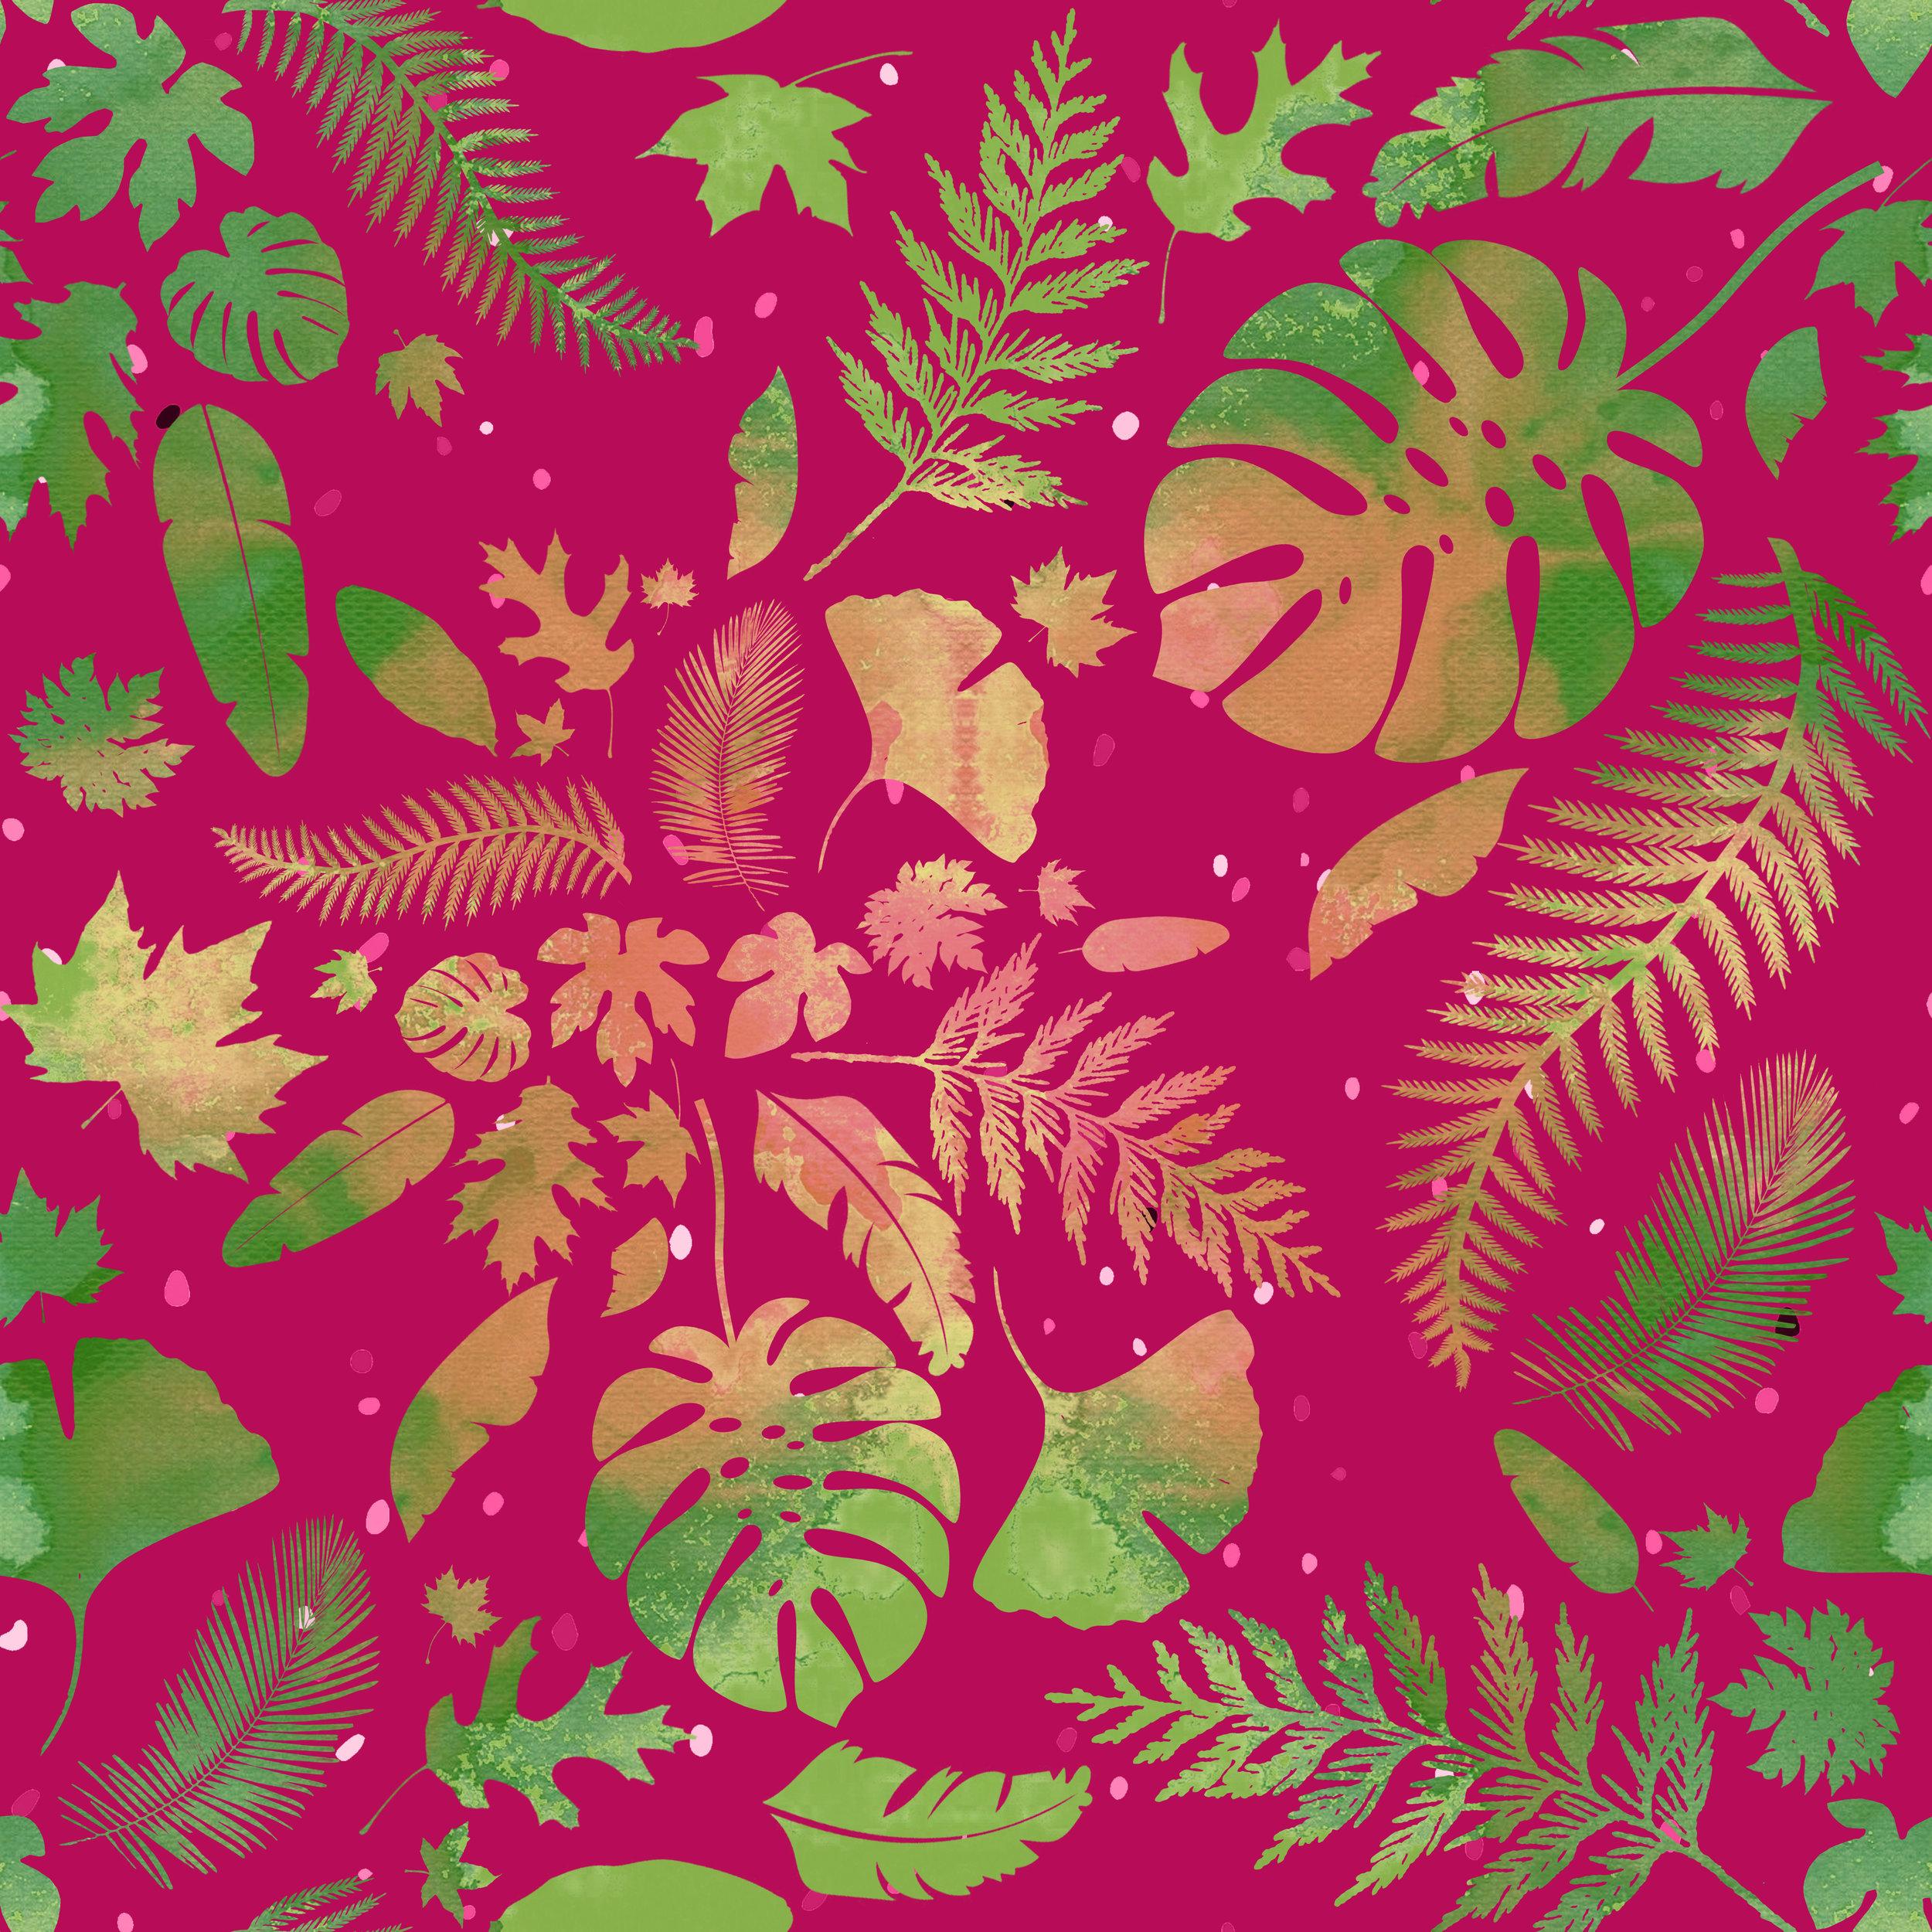 Leaves v2.jpg